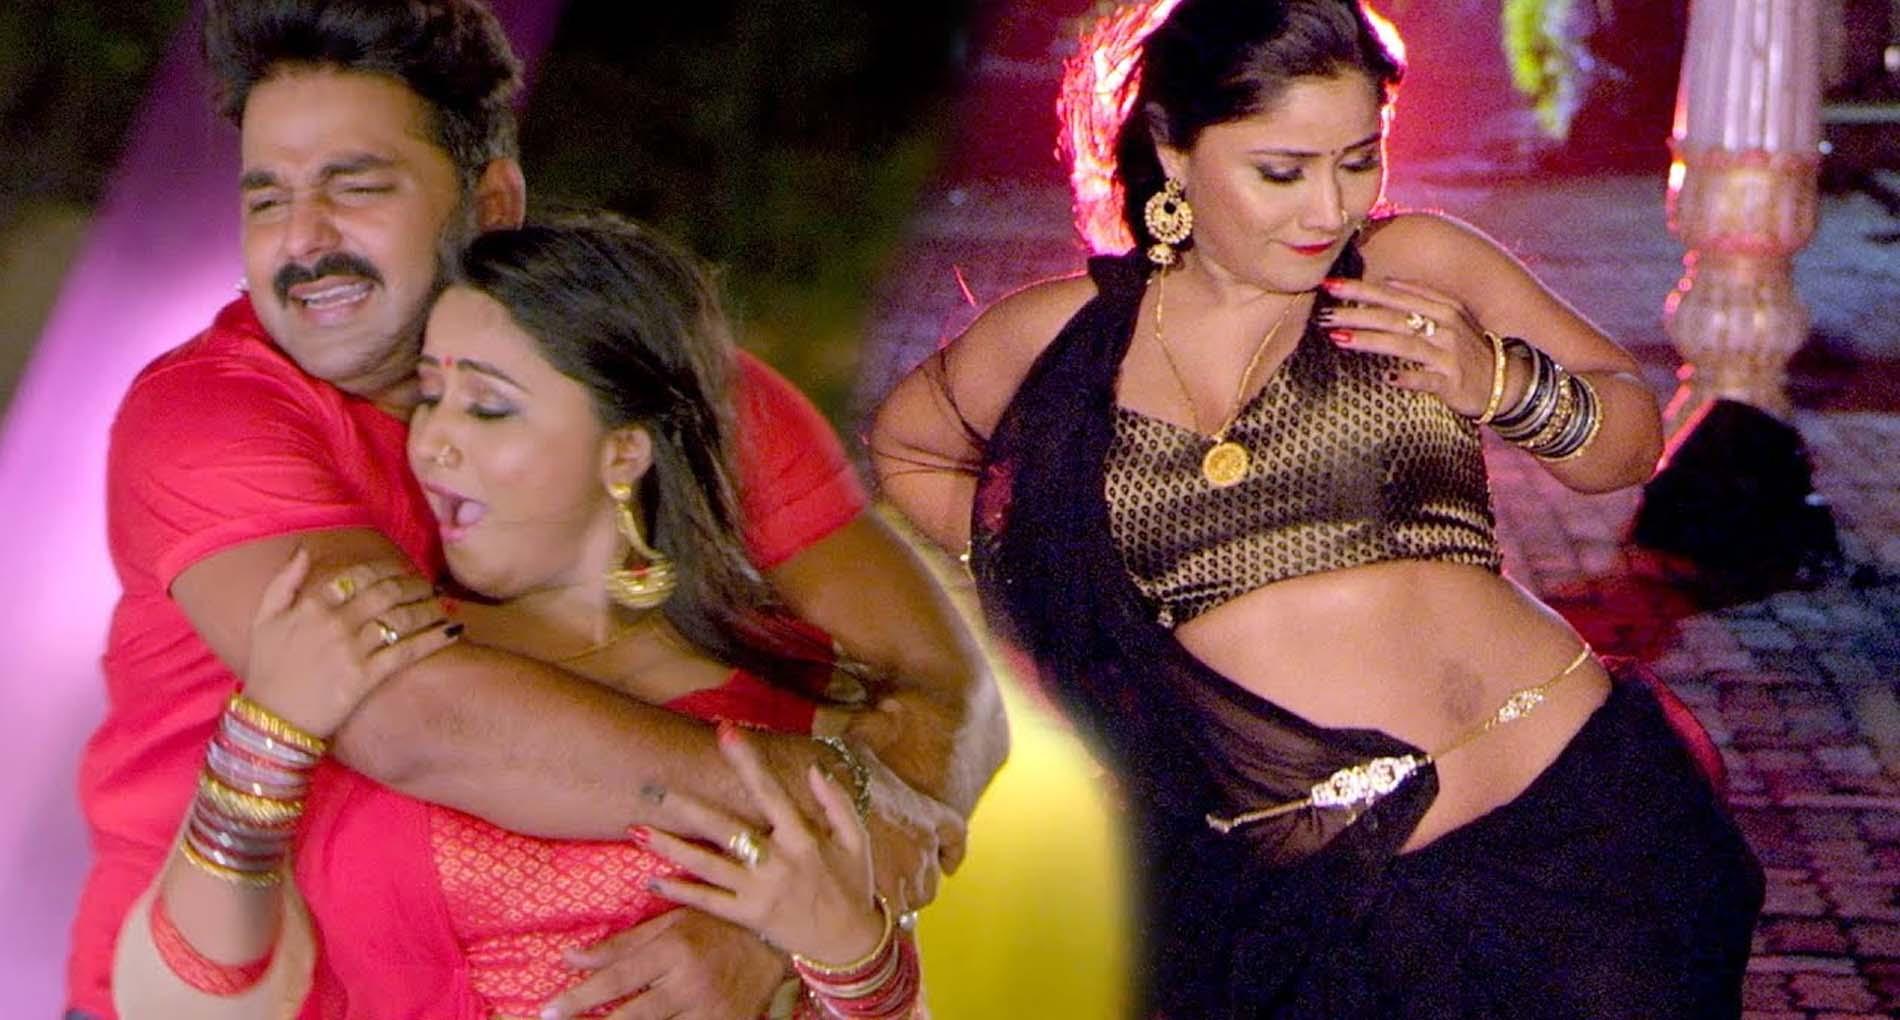 Pawan Singh Video Song: पवन सिंह और शिखा मिश्रा के गाने ने मचाया धमाल! देखें शानदार वीडियो